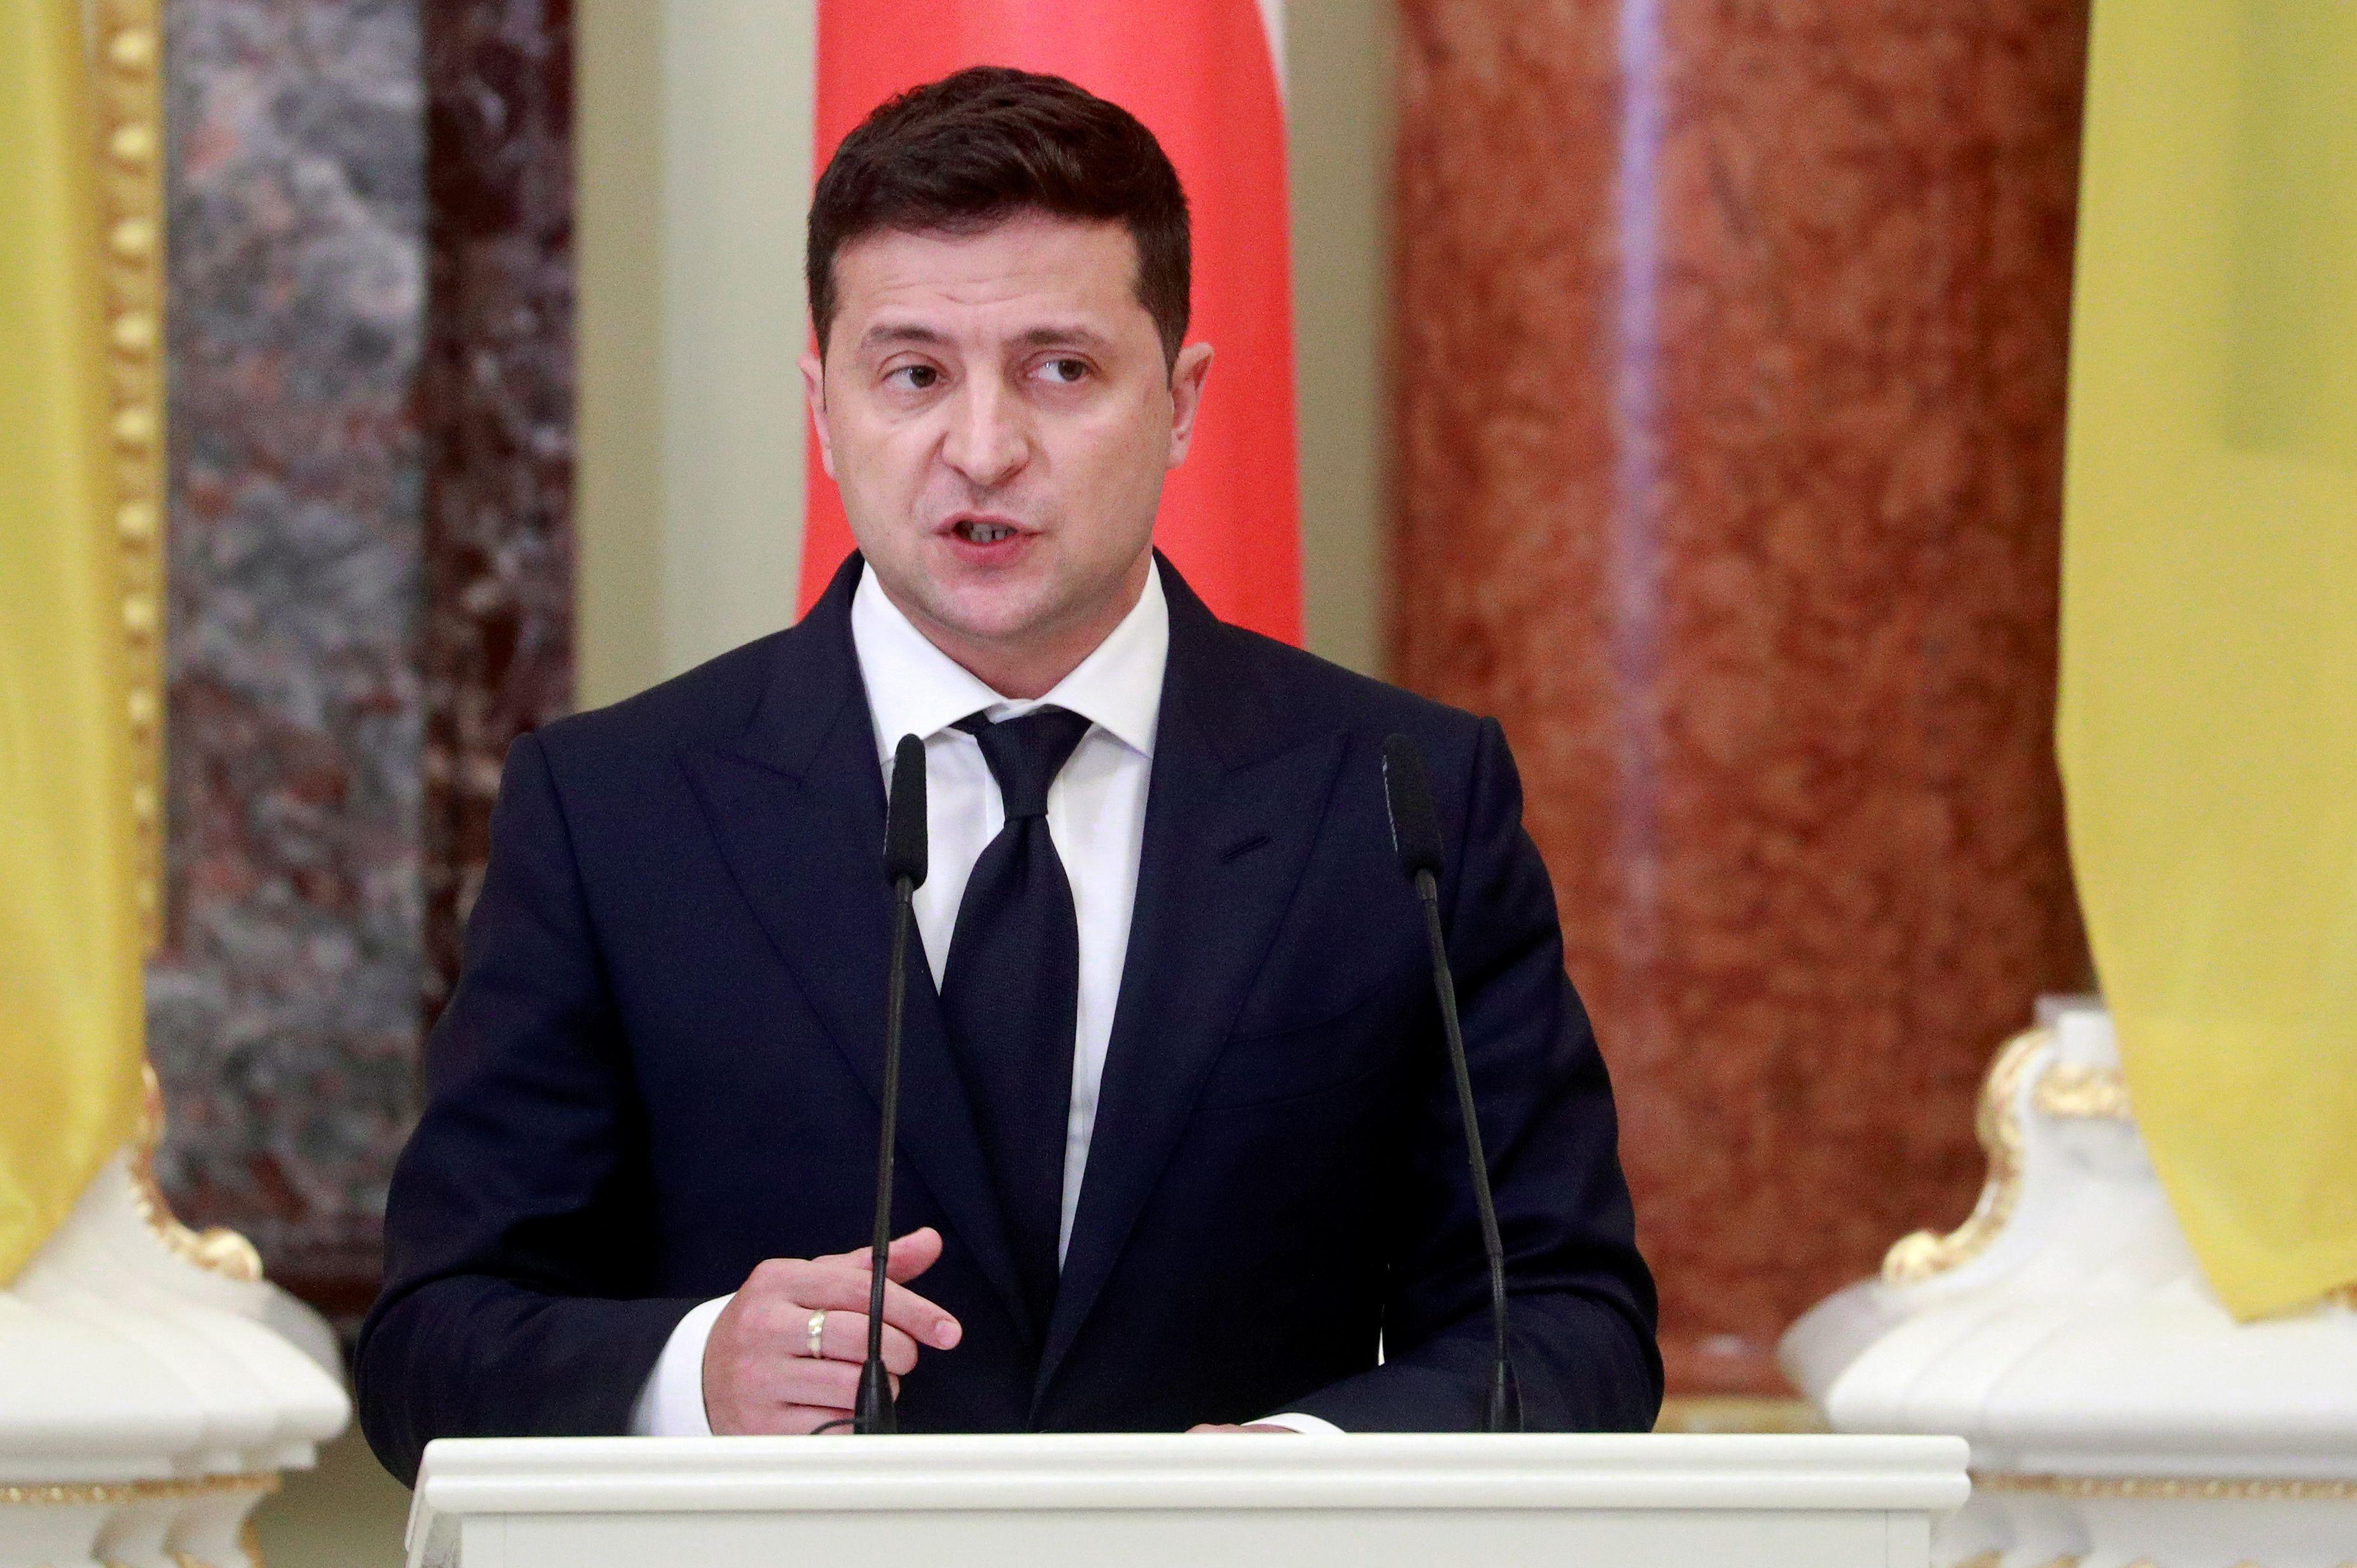 烏克蘭總統、防長、議長等六高官均染中共病毒